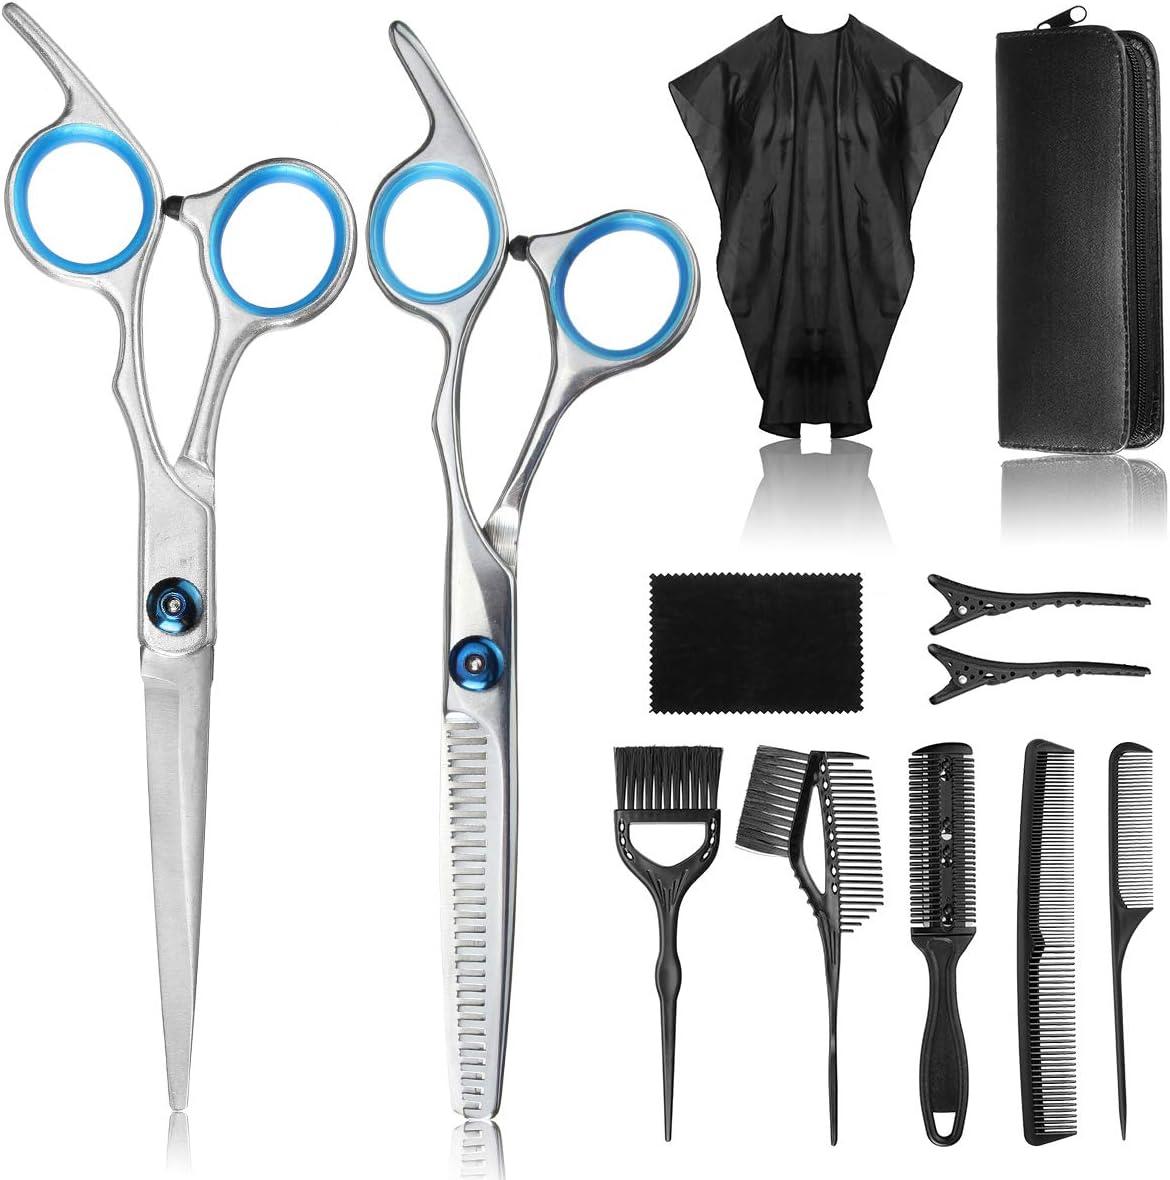 Juego de tijeras de peluquería Liaboe + accesorios por sólo 12,59€ con el #código: CWIJ5GKB